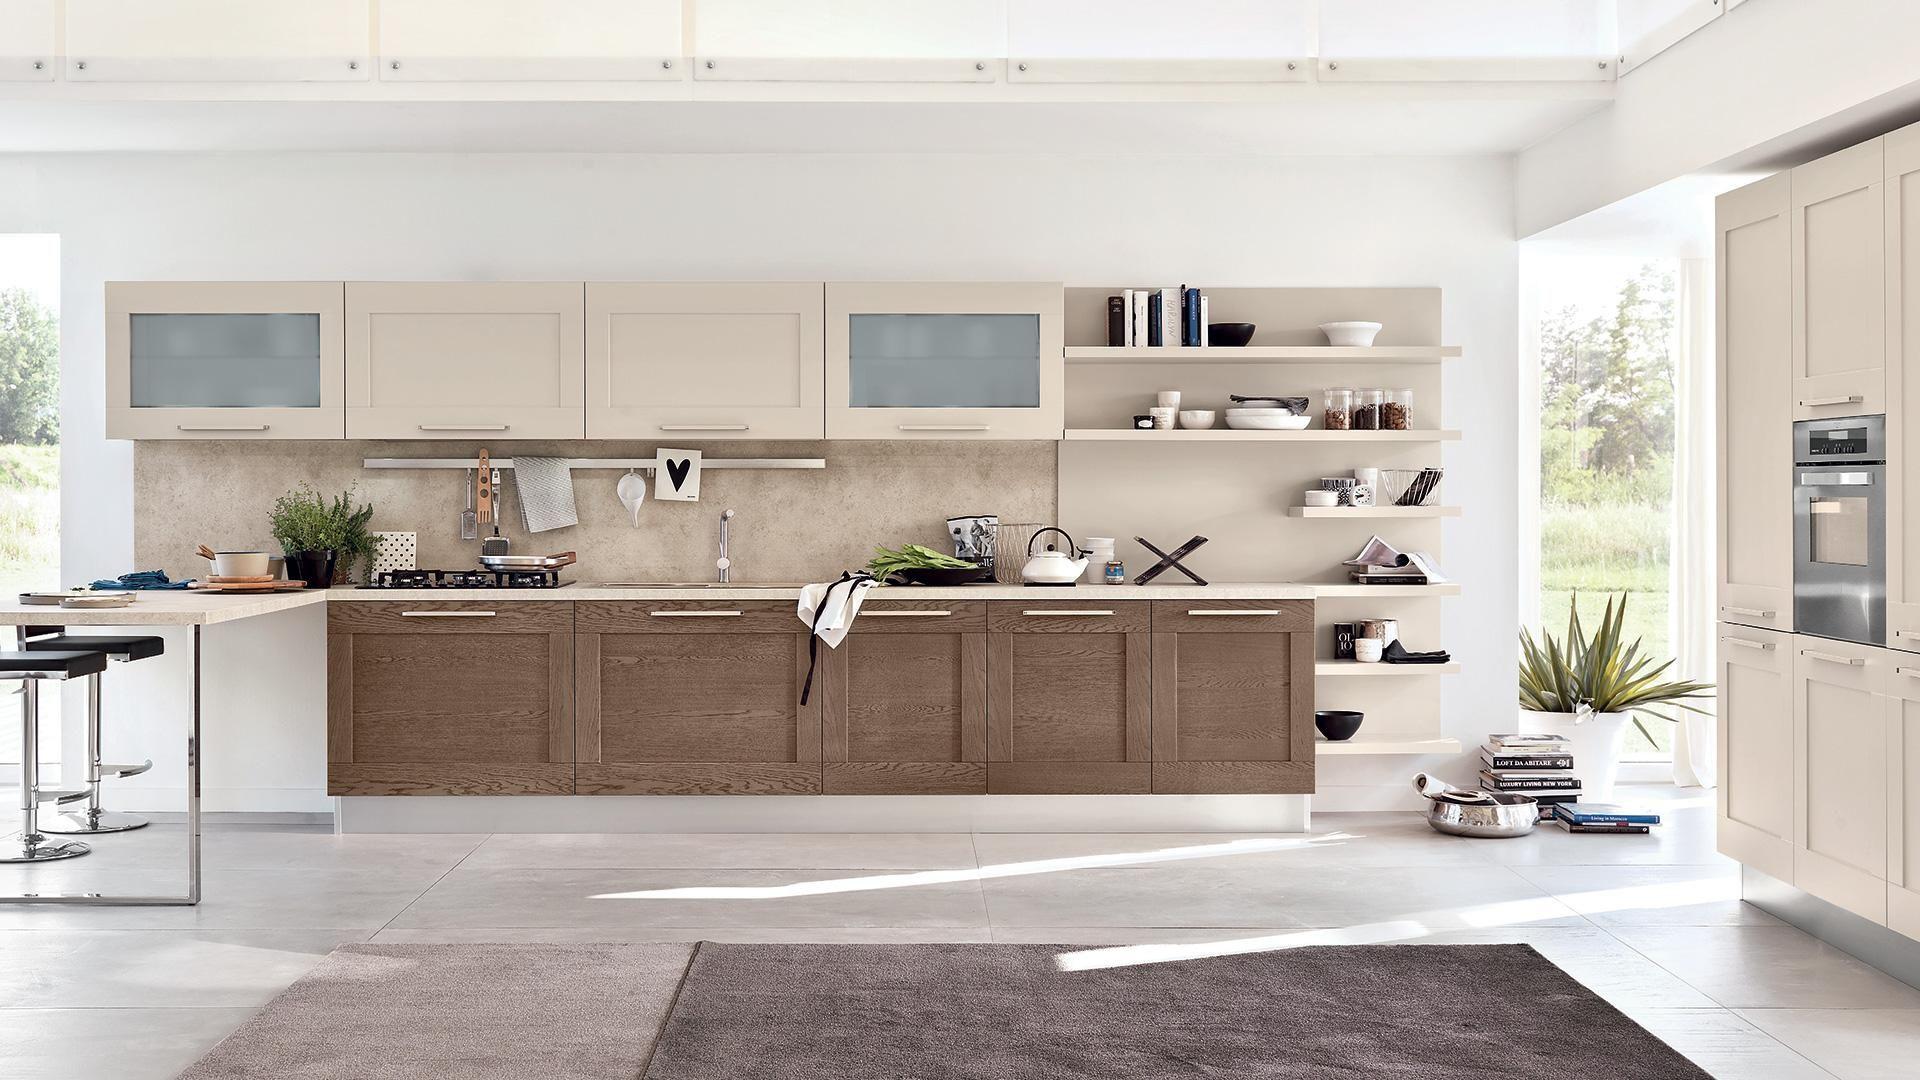 Gallery - Cucine Moderne - Cucine Lube | NEW HOME KITCHEN ...